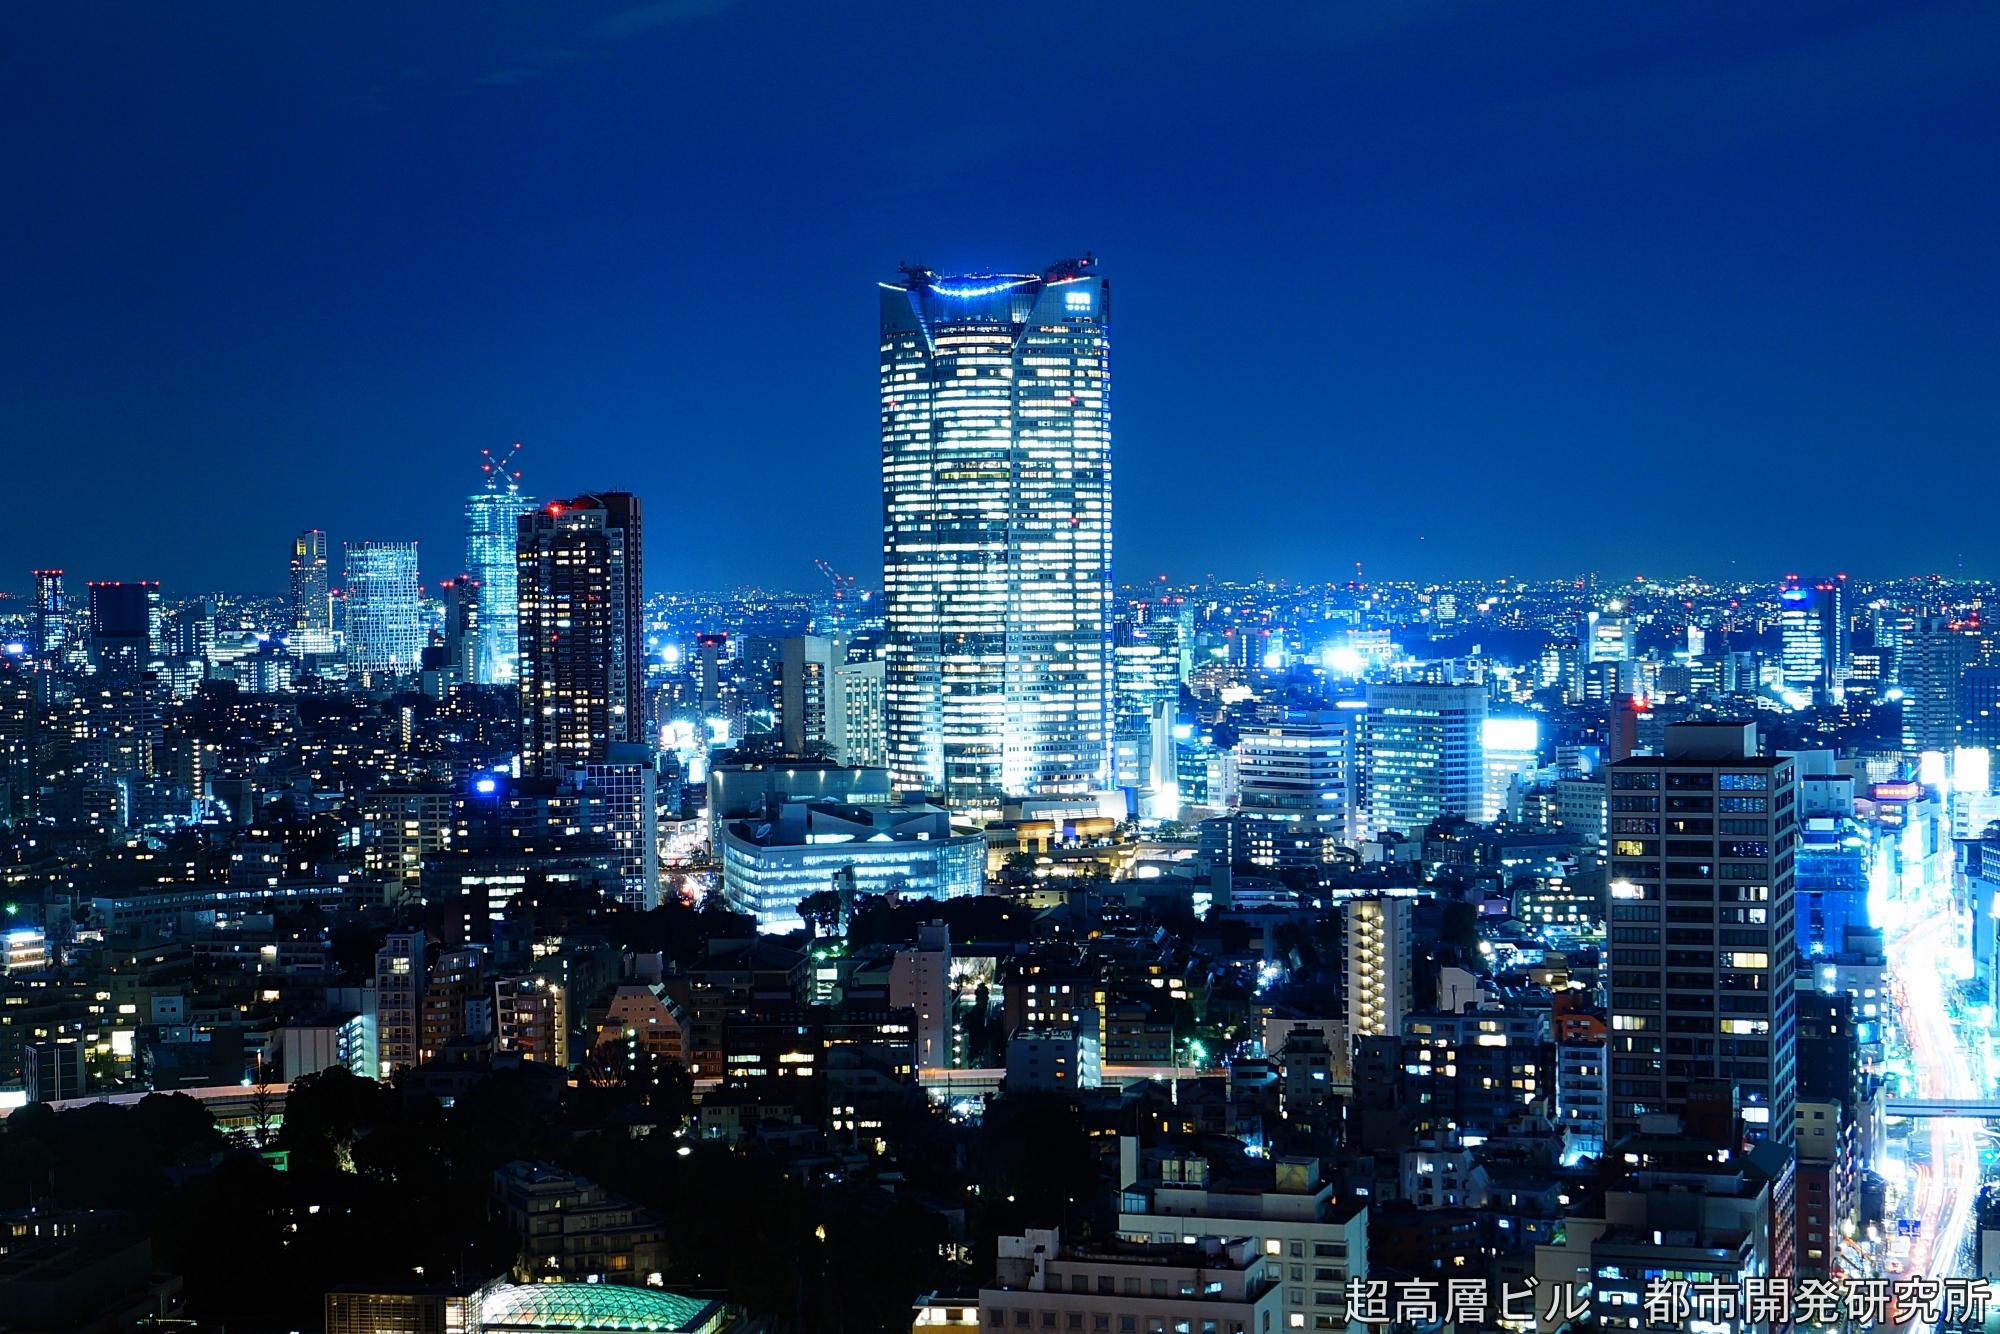 タワー 高 さ 東京